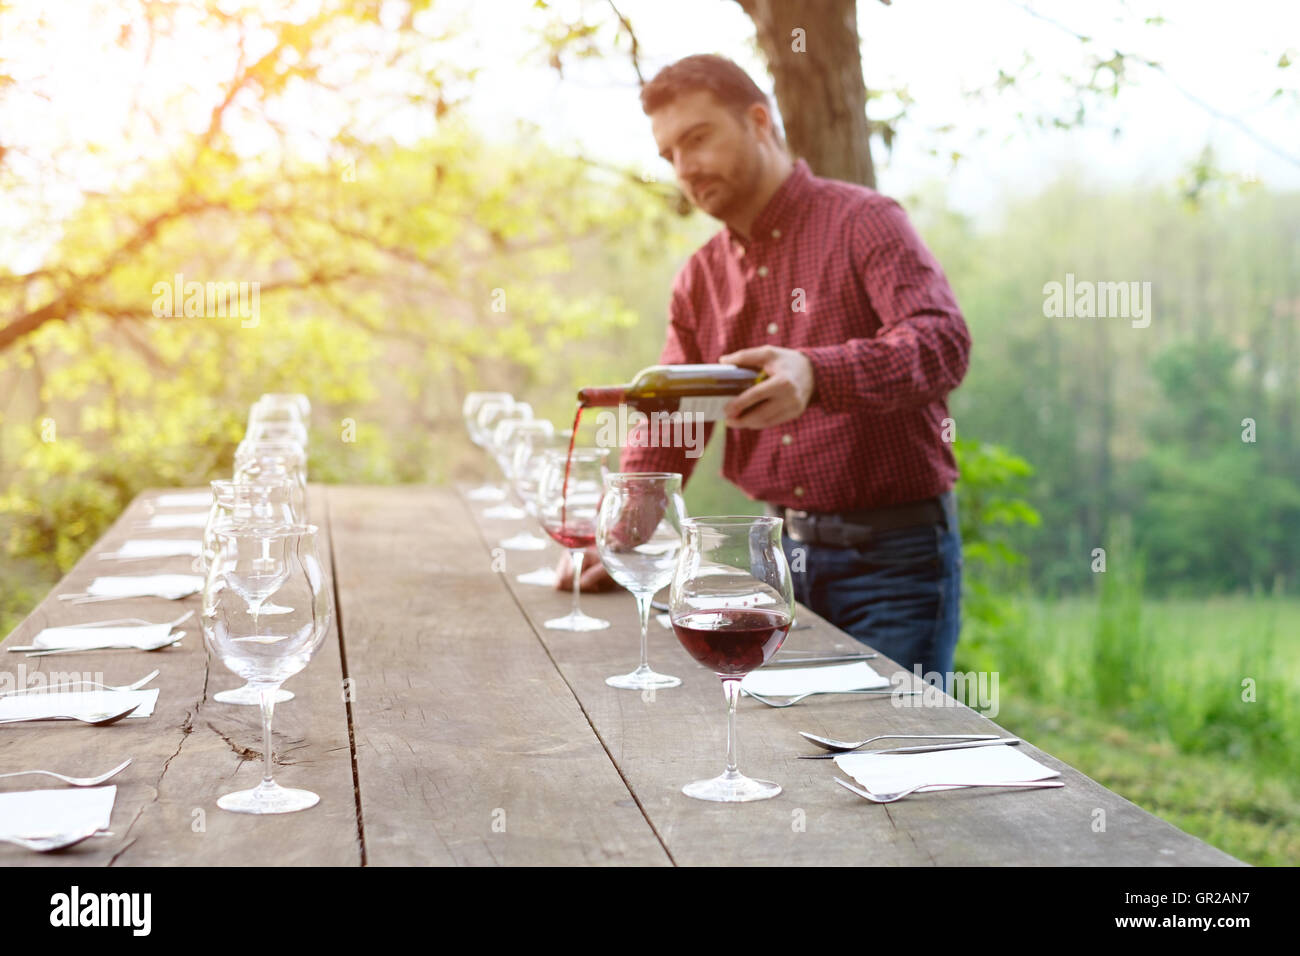 Retrato de productores de vino tinto vertido en los vasos de vino Imagen De Stock